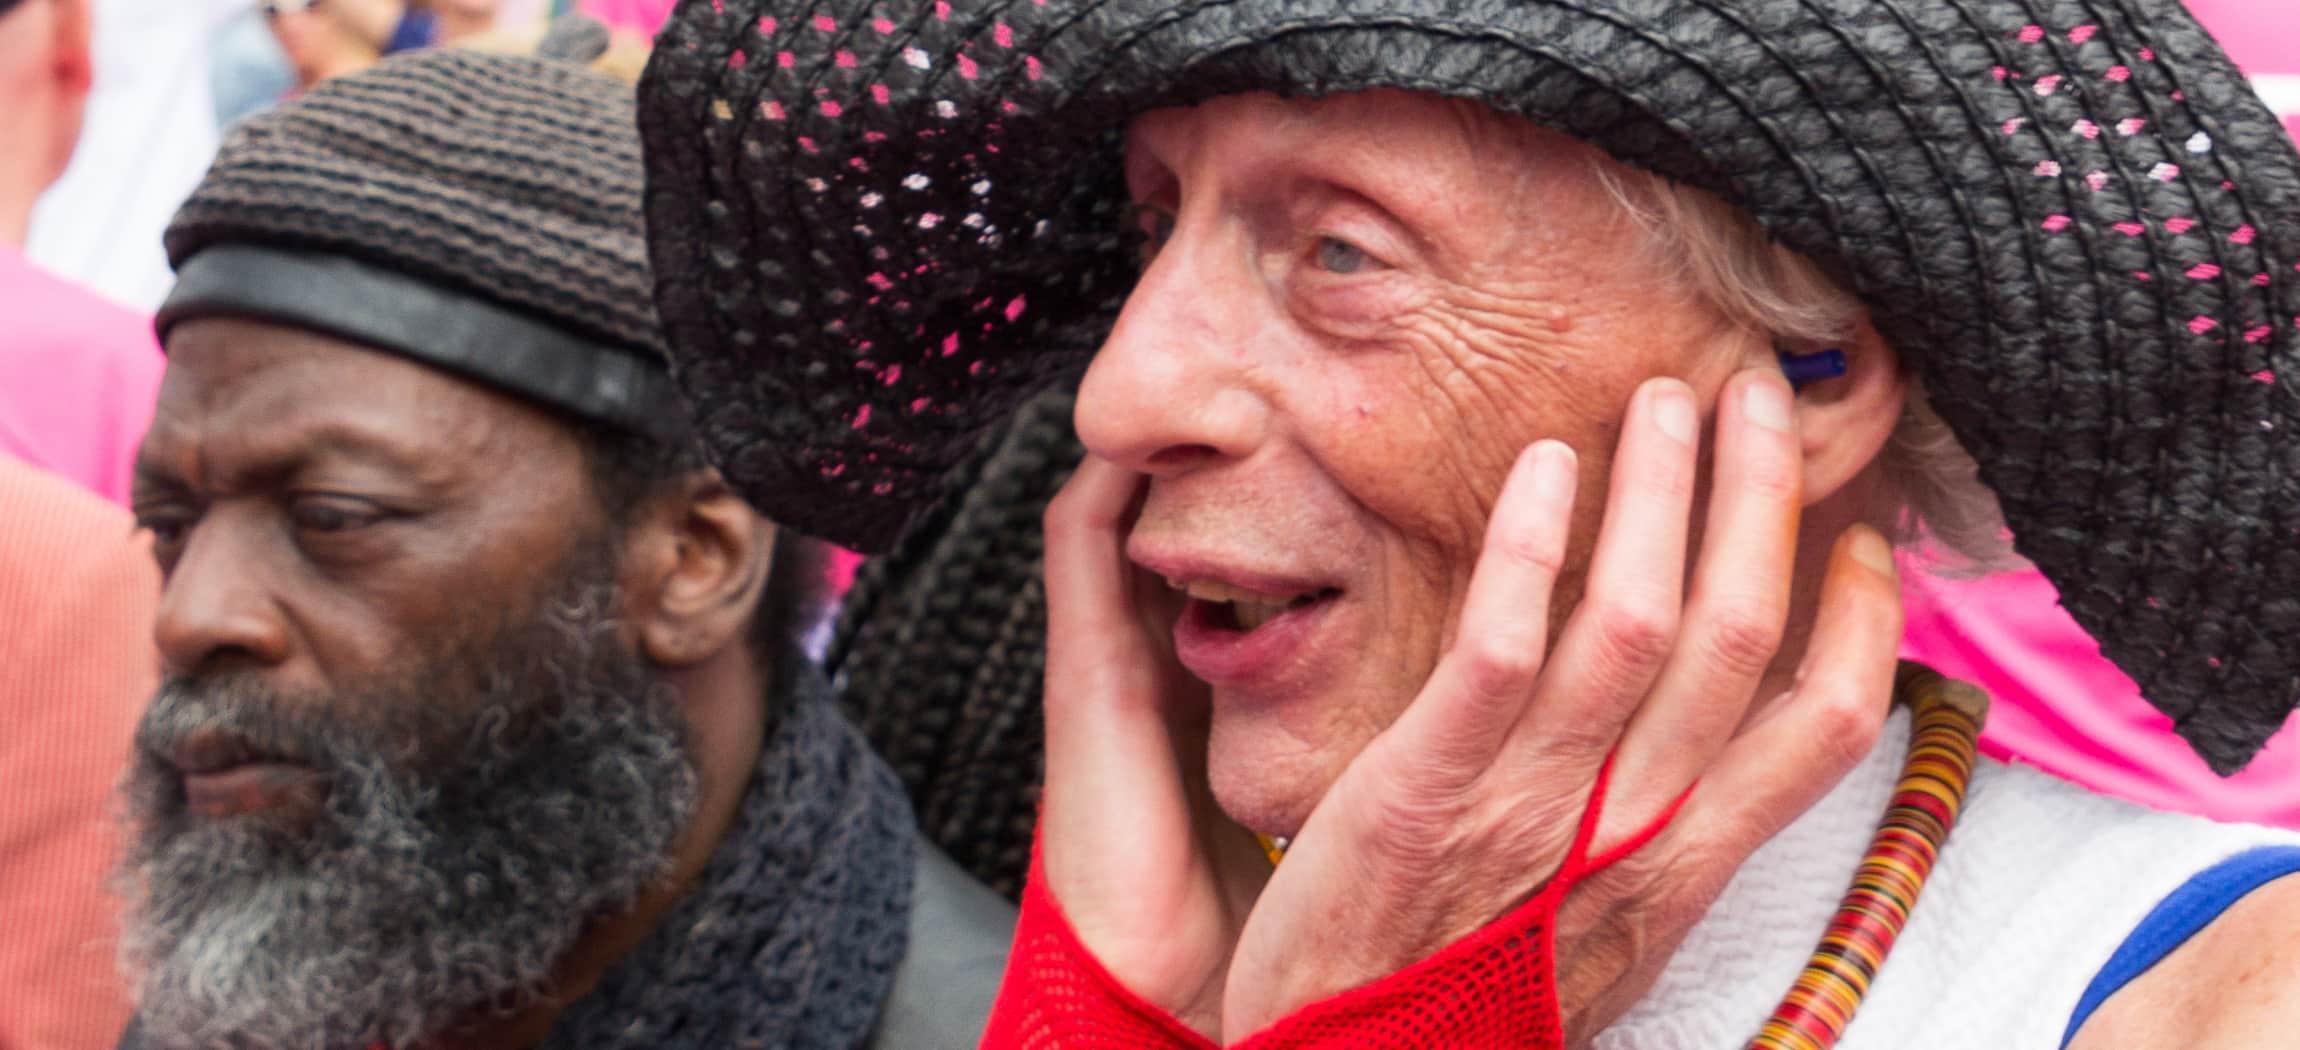 Tijdens Canal Pride kijkt oudere man blij en enthousiast met zwarte flaphoed